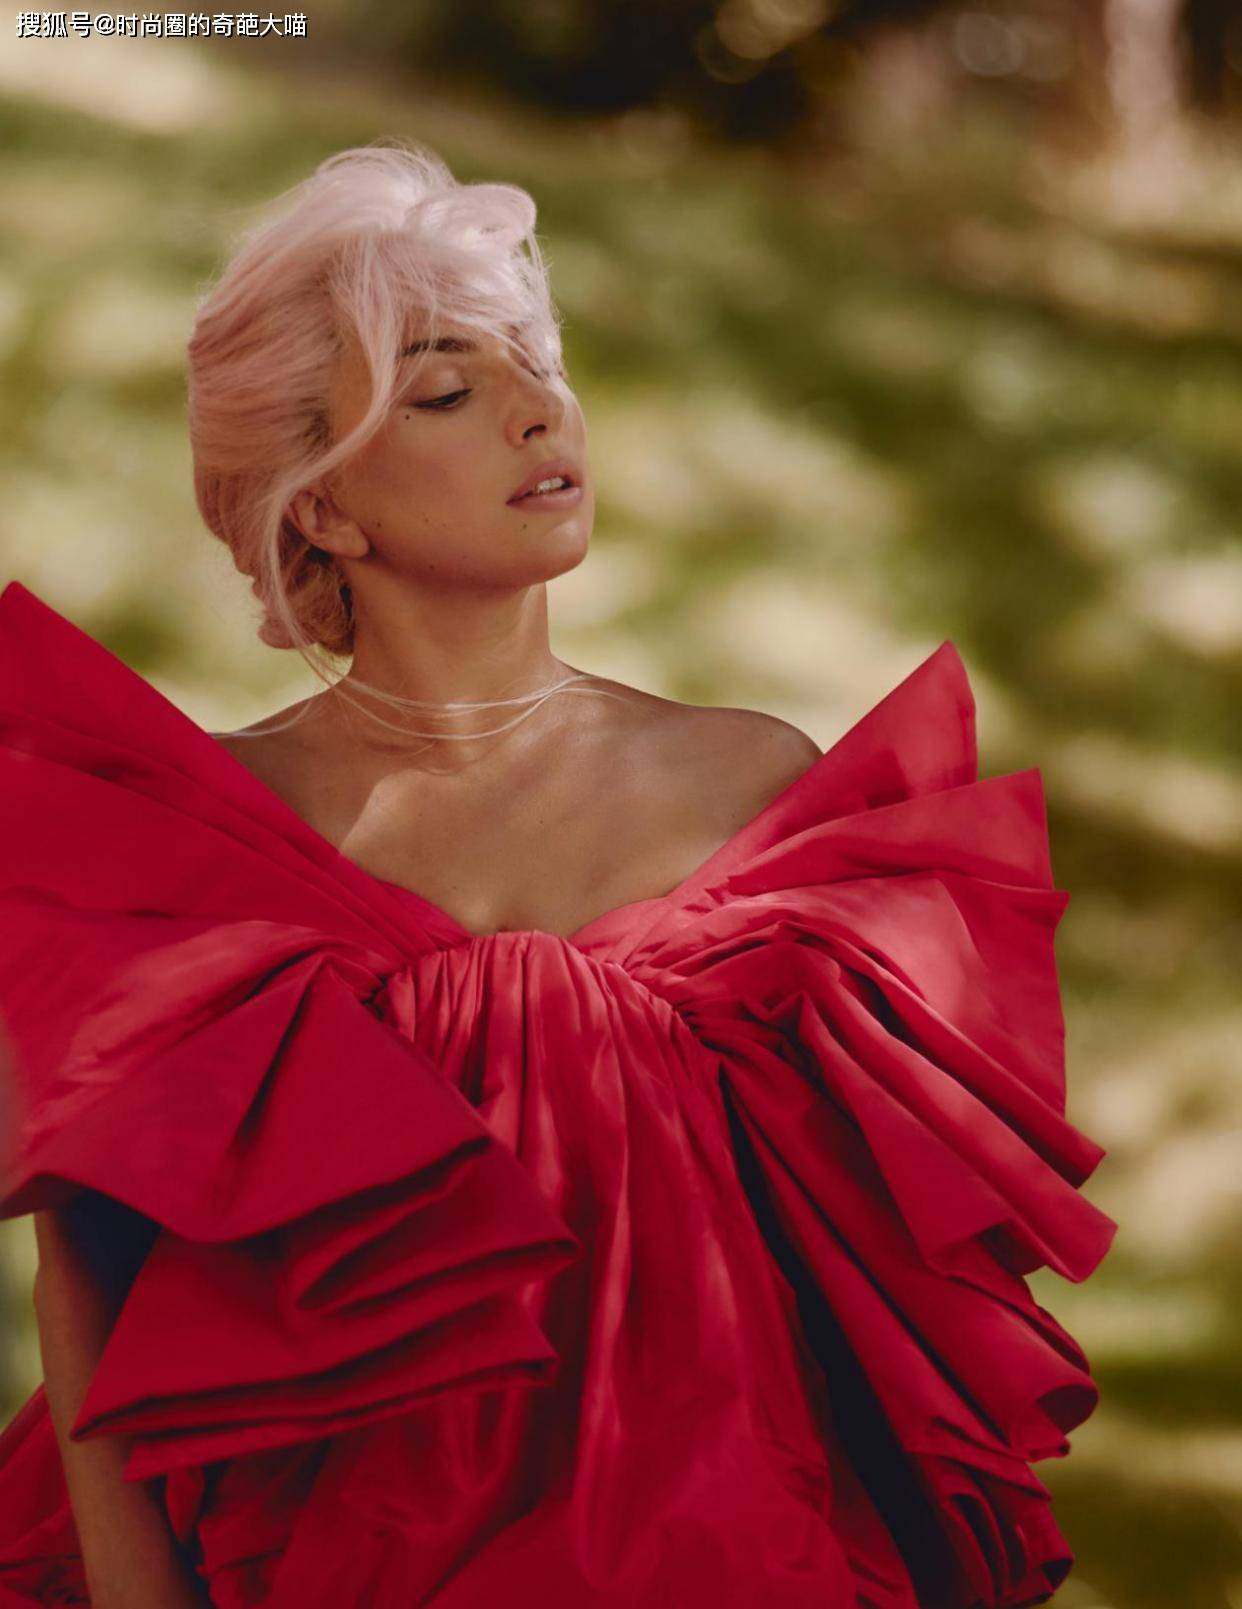 原创             Lady gaga终于美一回,华丽登场激情献唱,麻花辫看着也好高贵